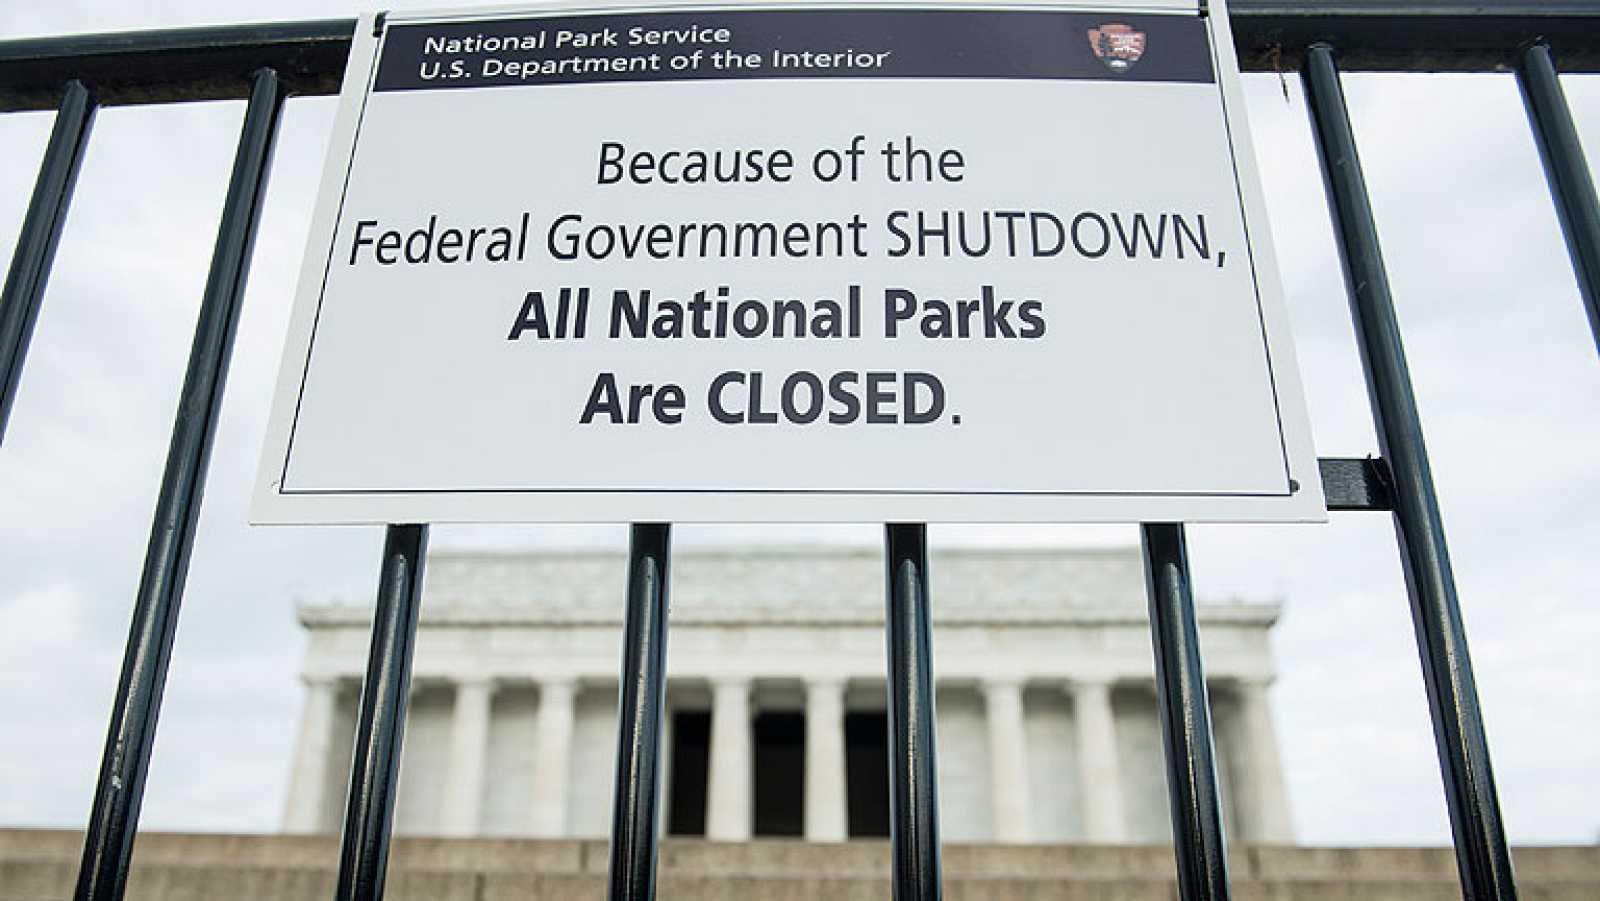 Ni las consecuencias económicas consiguen poner de acuerdo a republicanos y demócratas en Estados Unidos